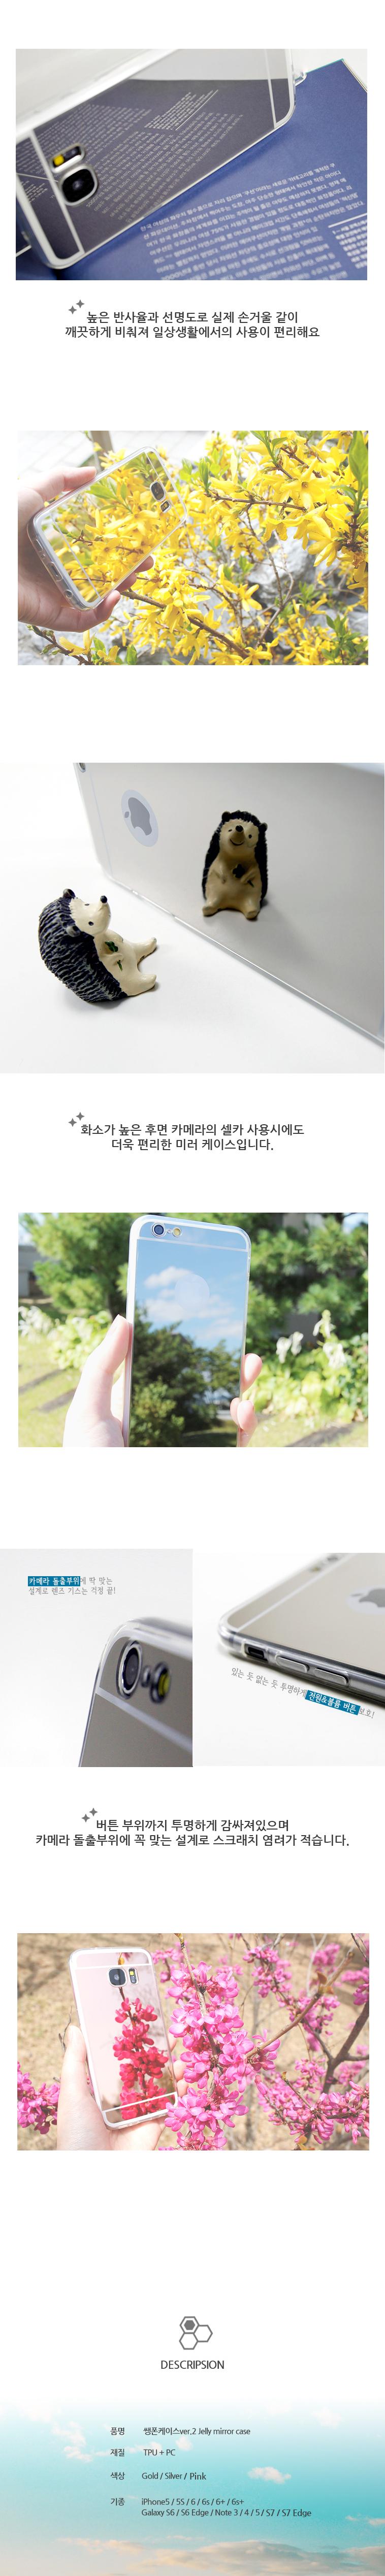 브릿지커머스(BRIDGE COMMERCE) 아이폰 갤럭시 5 6 6+ S6 S7 edge note 3 4 5 젤리 쌩폰 미러 케이스